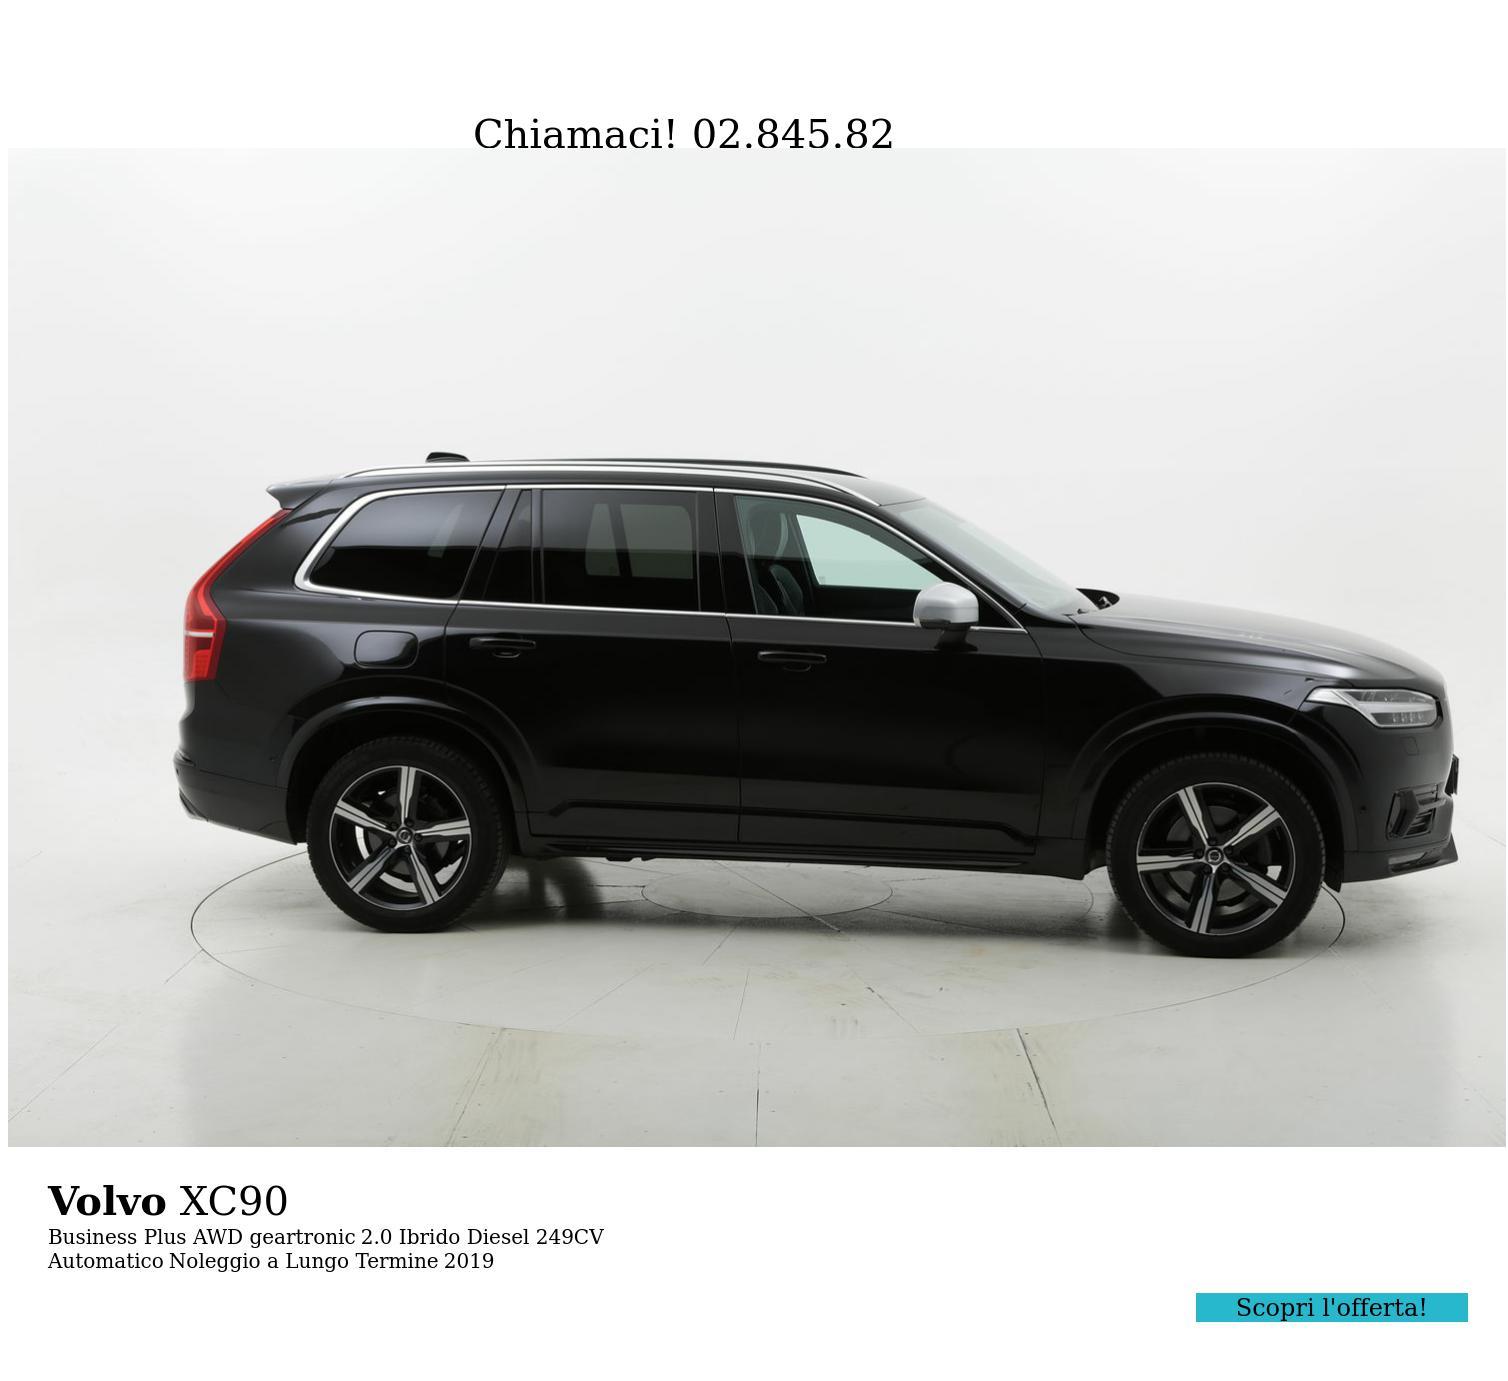 Volvo XC90 ibrido diesel nera a noleggio a lungo termine | brumbrum